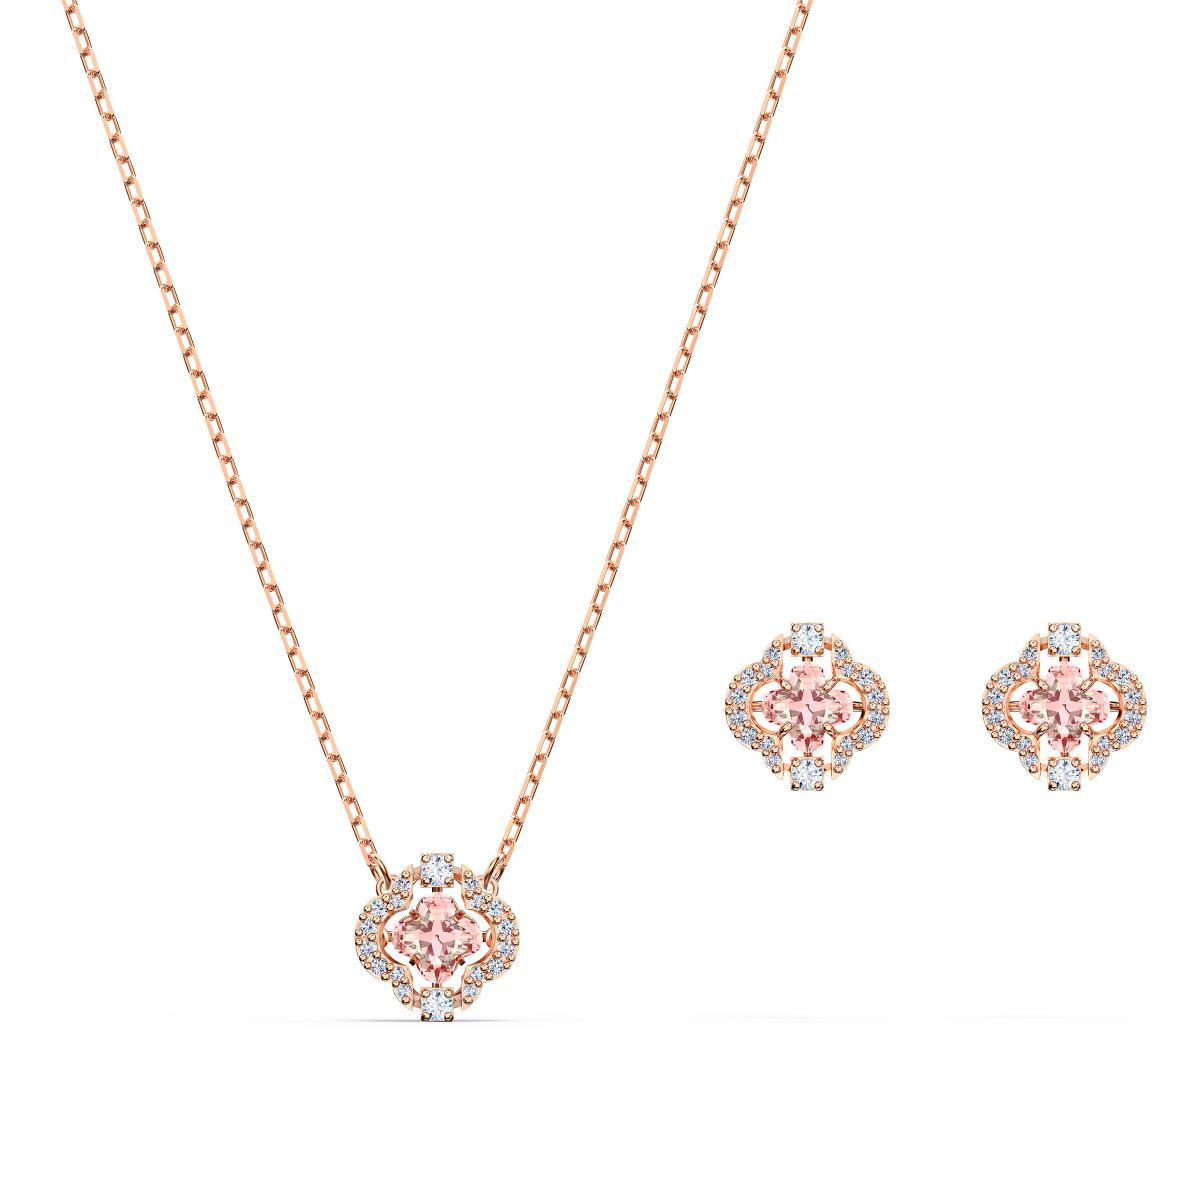 SET Swarovski 5516488 - Set collier et boucles d'oreilles métal rose  pierres sertis blanc Femme